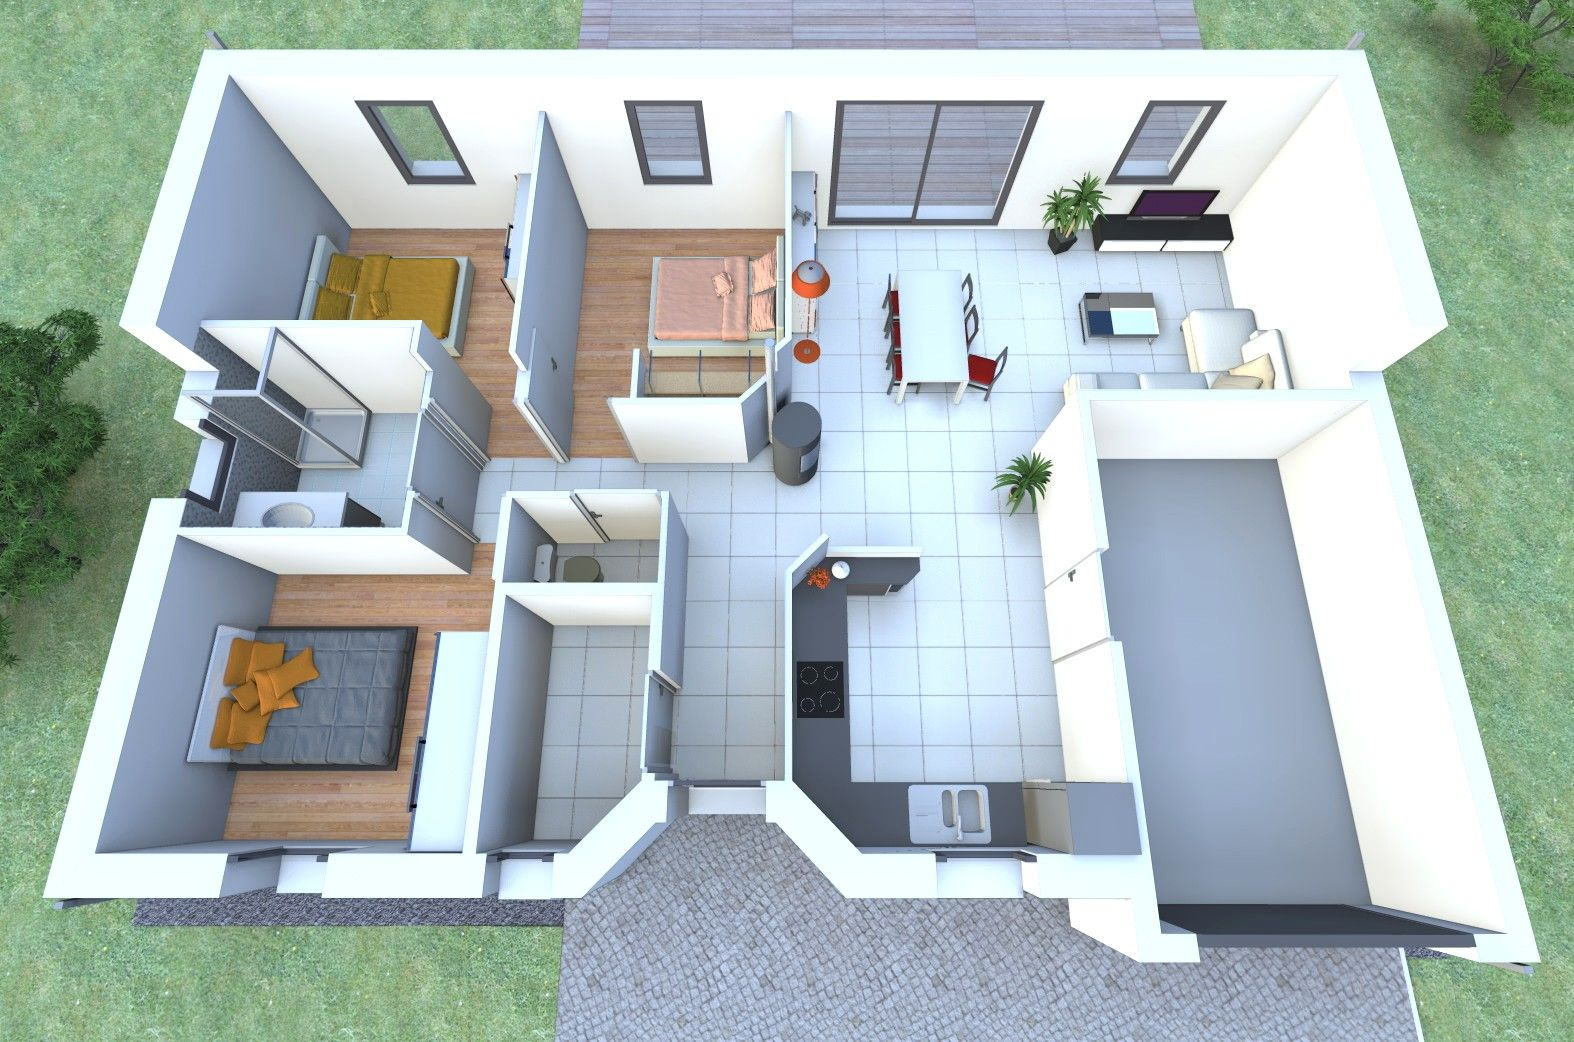 Image De Maison En 3d Idees De Dcoration Avec Image De Maison En 3d Logiciel Plan Maison 3d 3d Kuestermgmt Co Logiciel Plan Maison 3d De 5 Sur Terrain 1574x1042